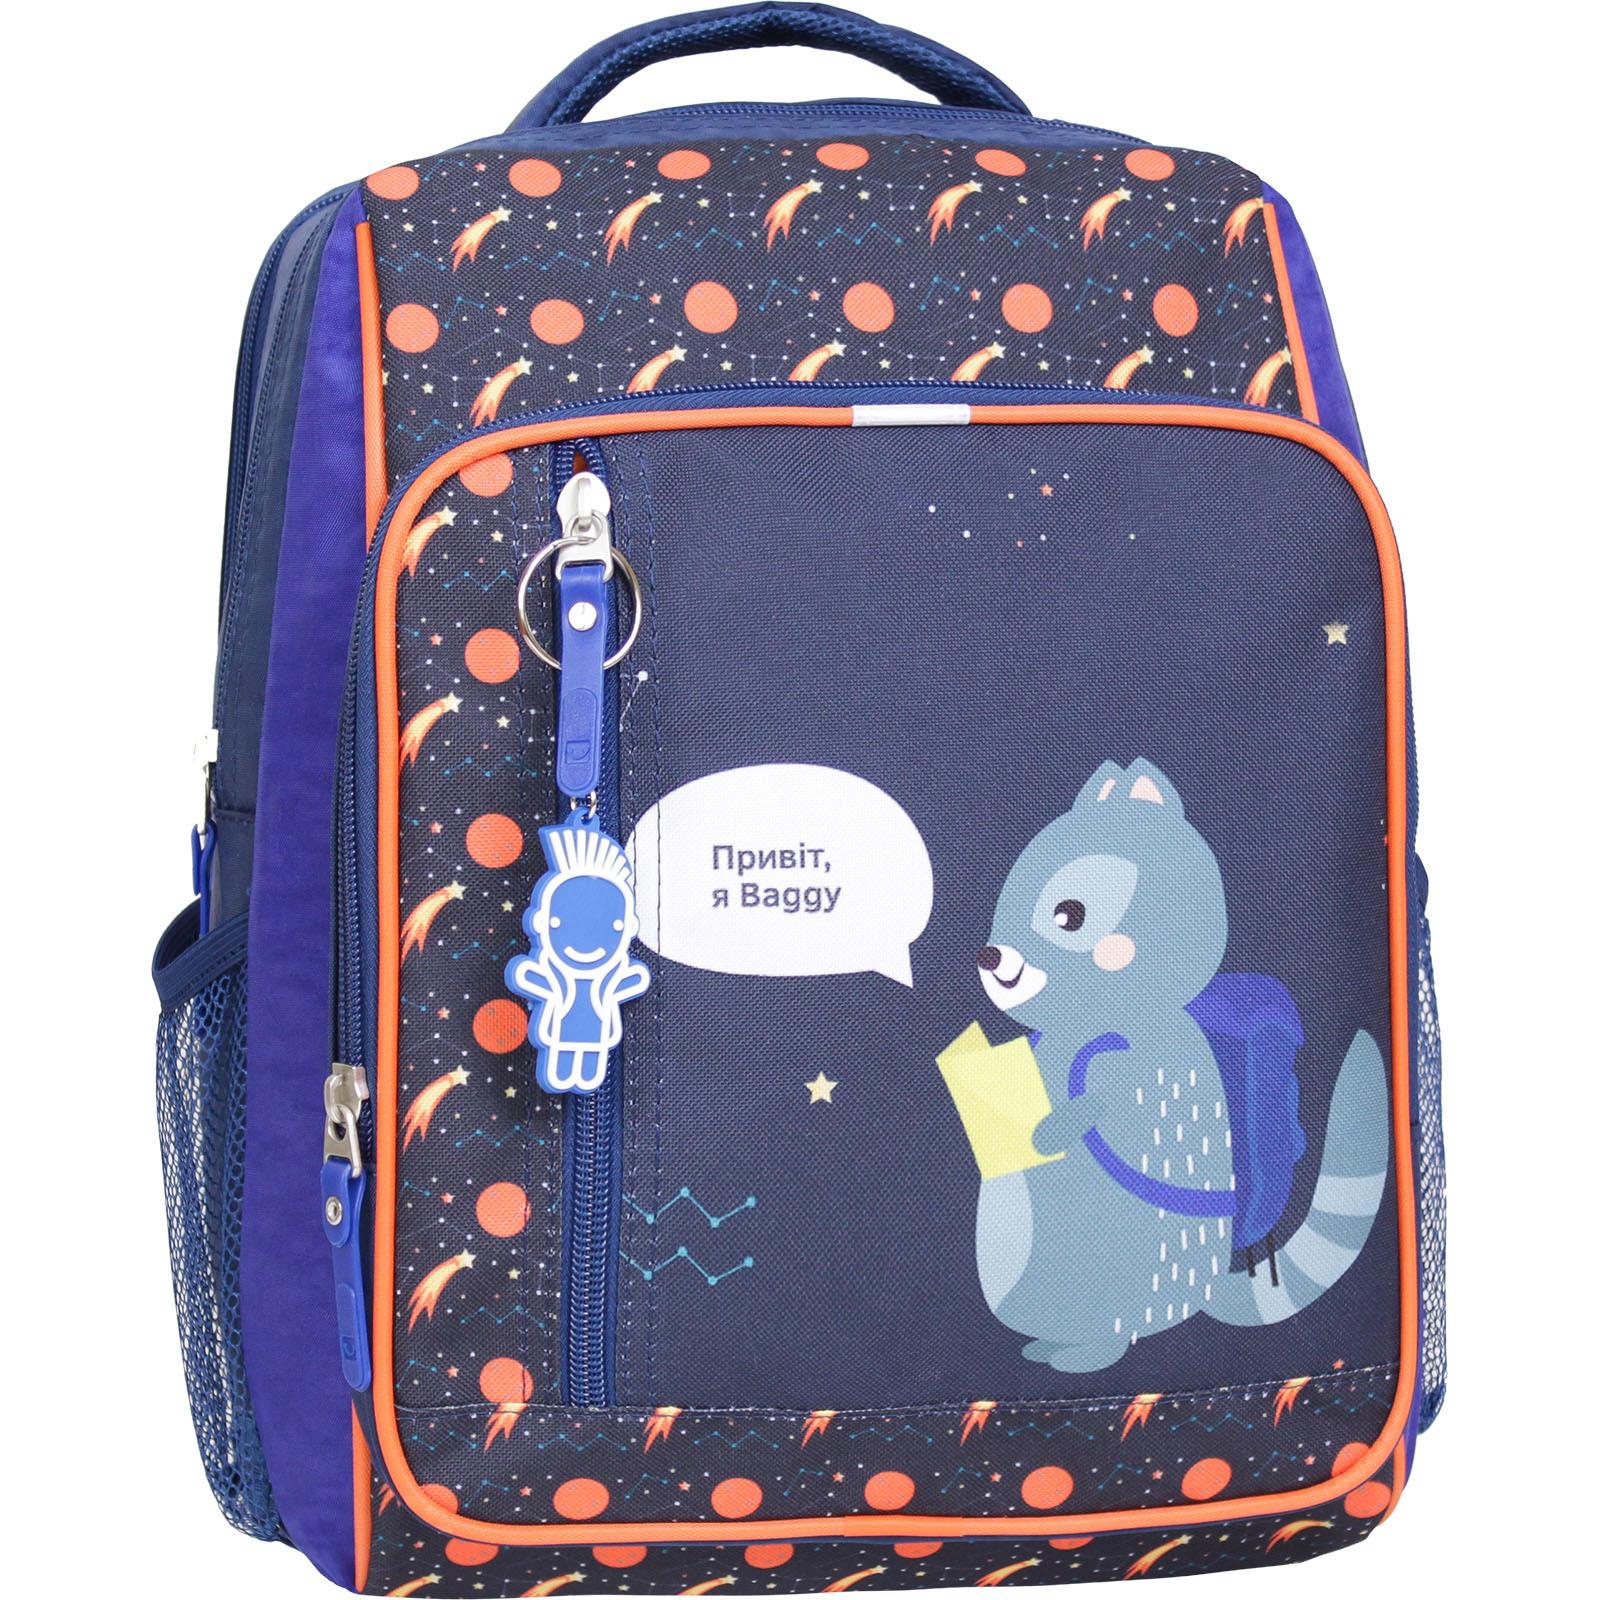 Школьные рюкзаки Рюкзак школьный Bagland Школьник 8 л. синий 429 (0012870) IMG_6480-1600-429.jpg